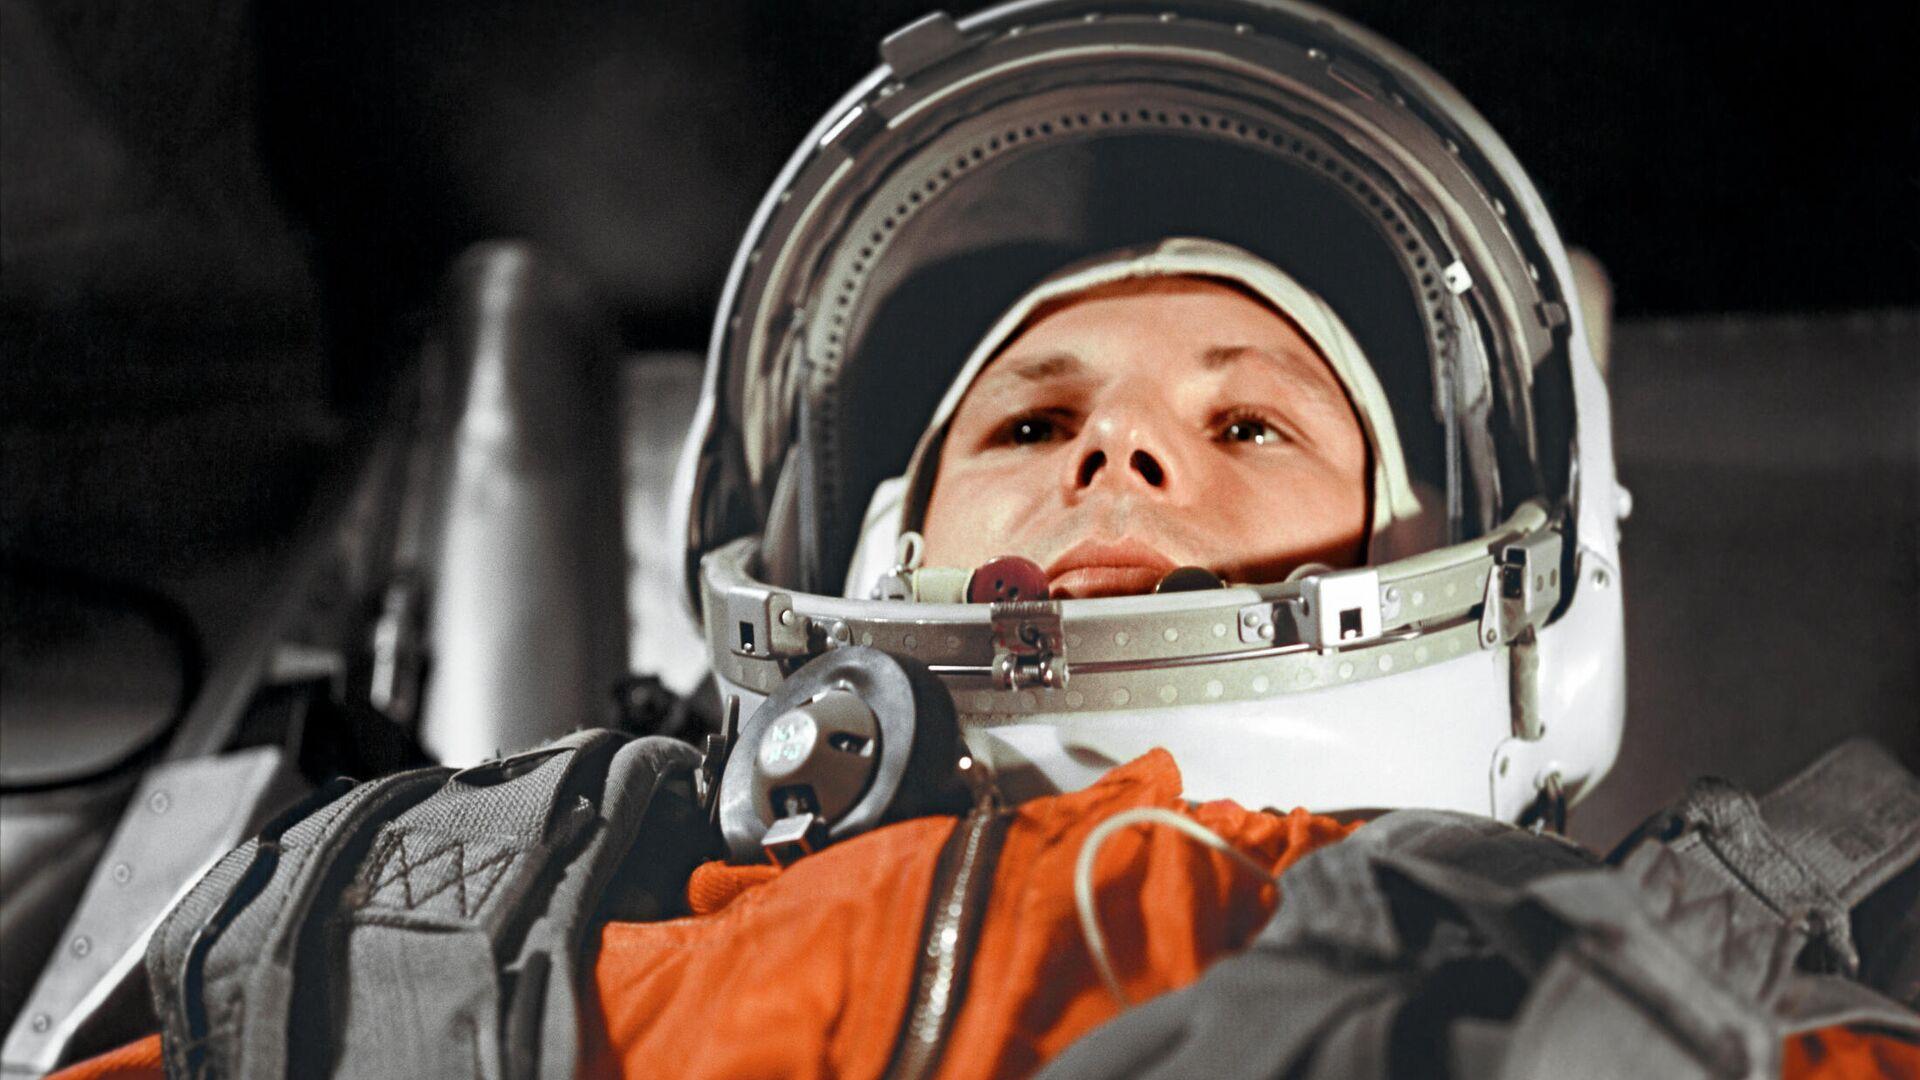 Космонавт Юрий Гагарин в кабине космического корабля Восток-1 перед стартом - РИА Новости, 1920, 12.04.2021